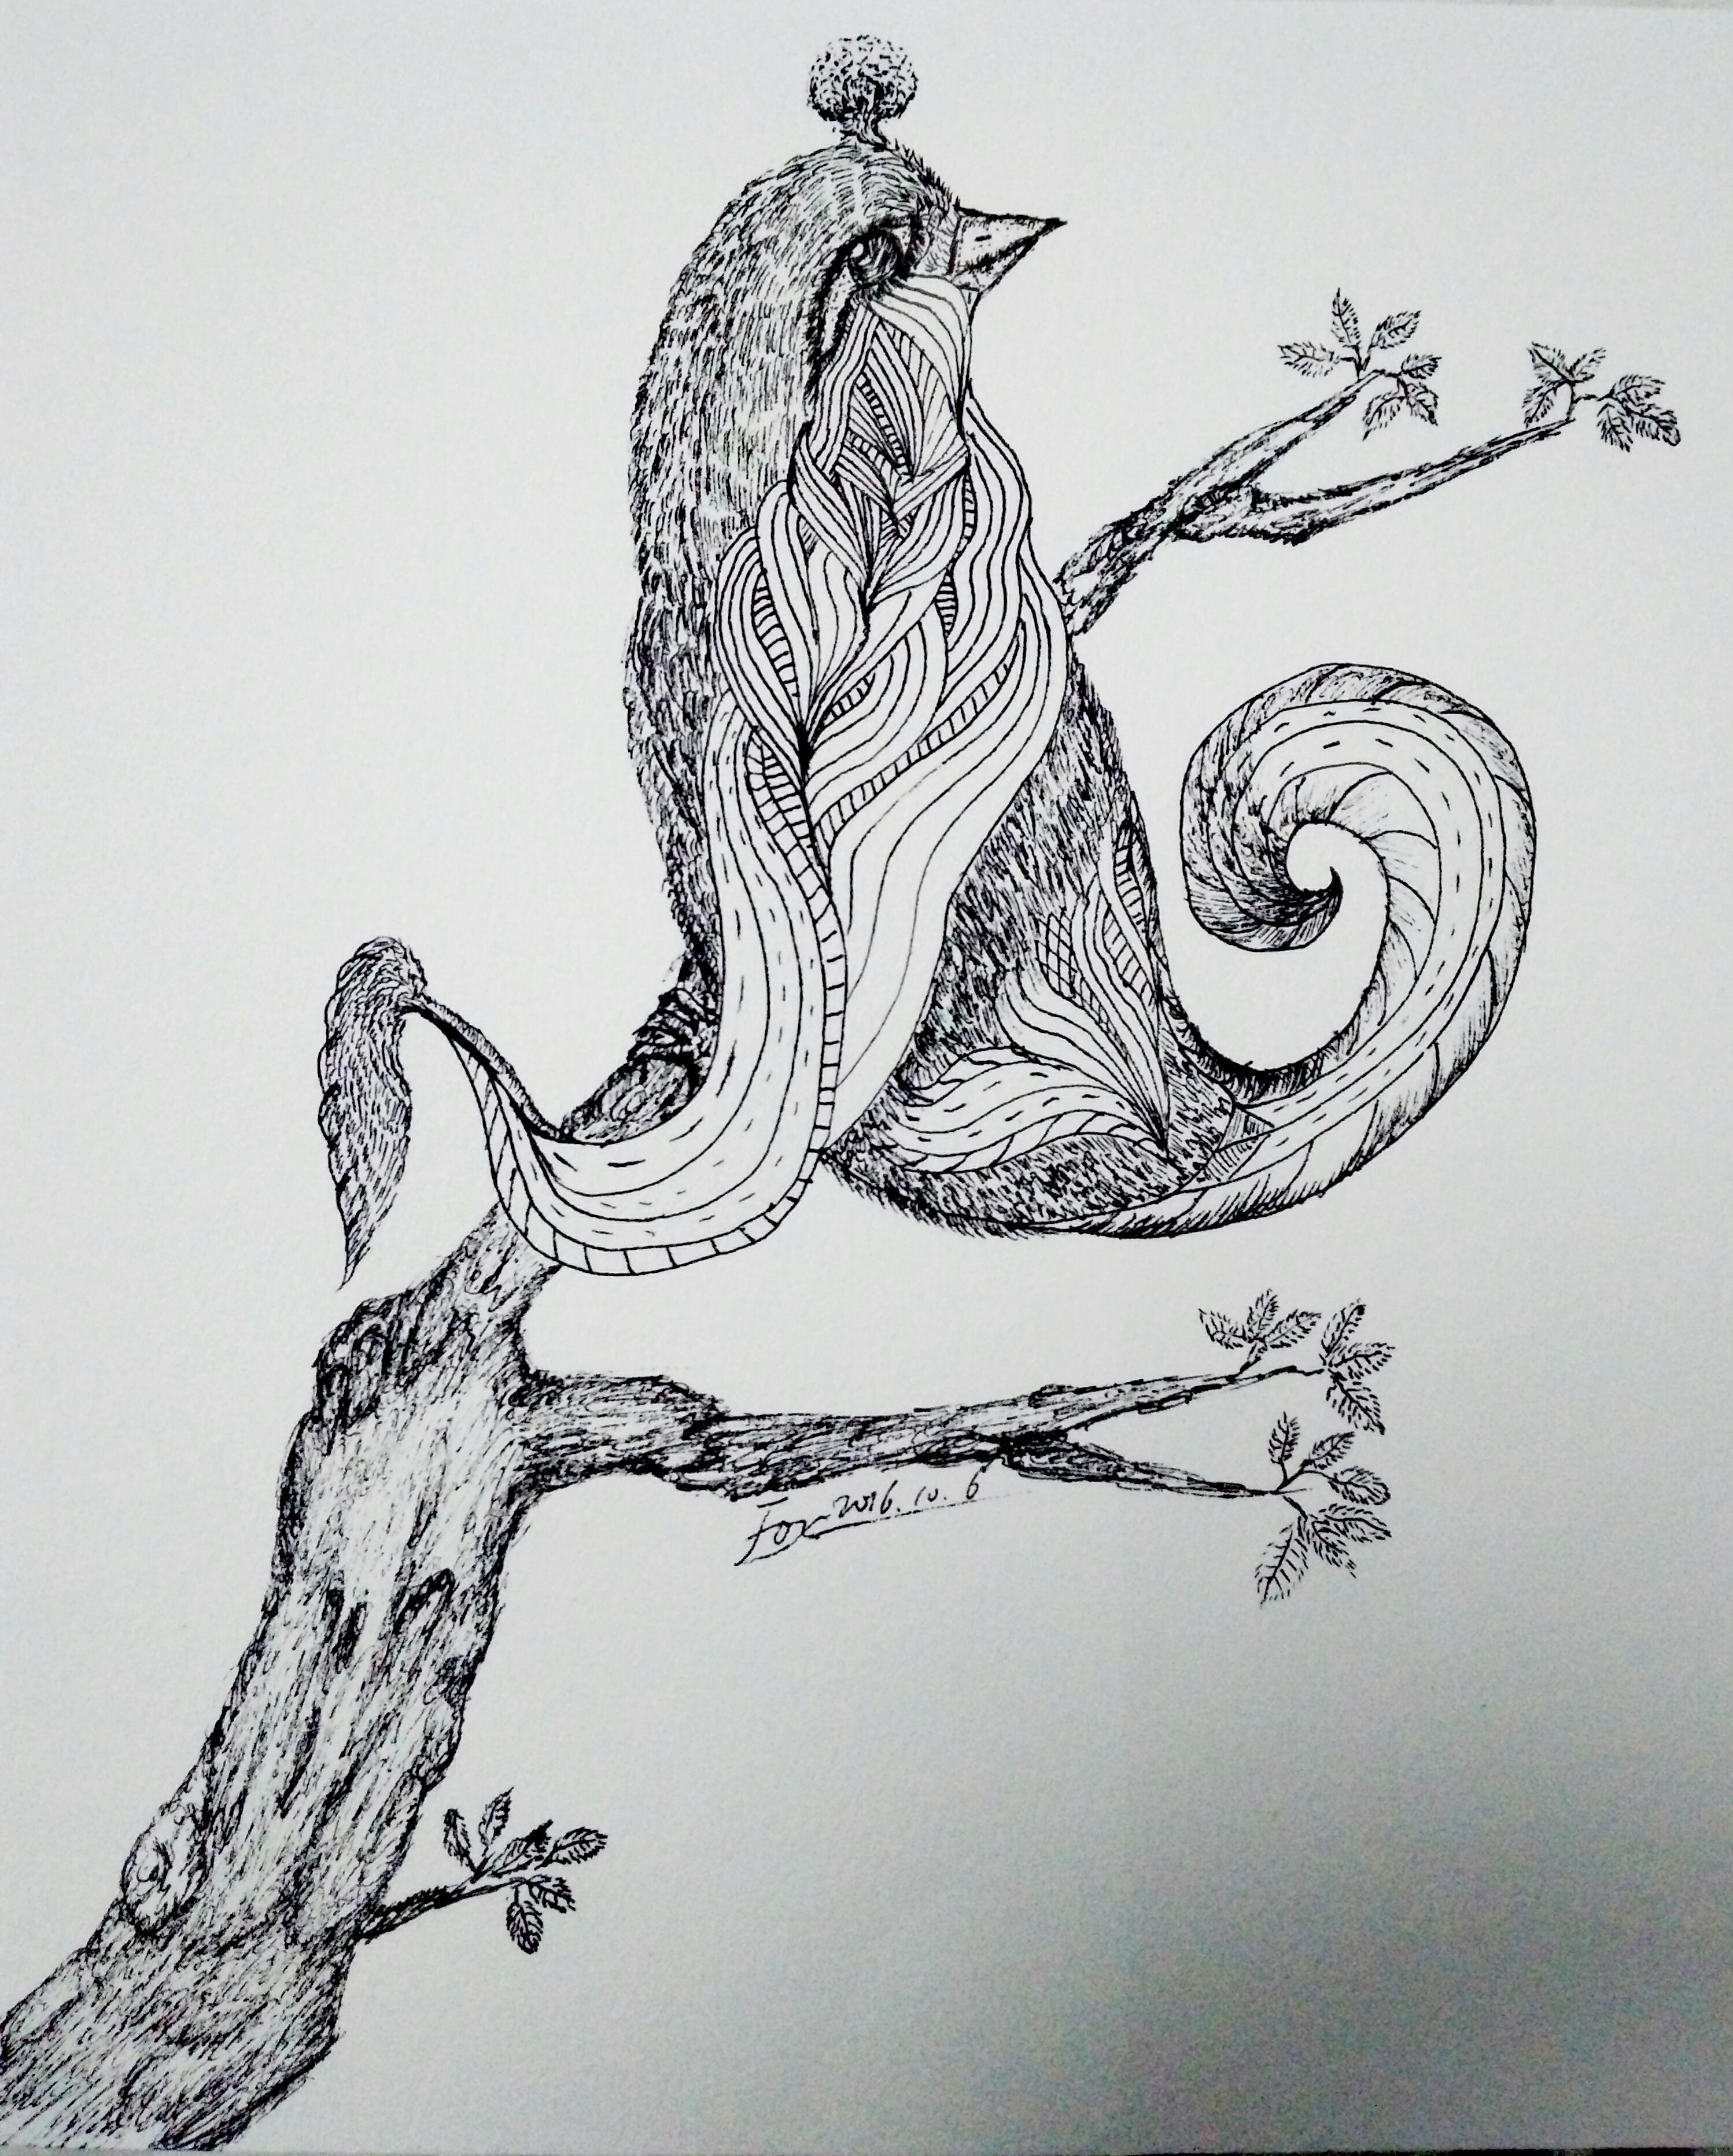 简笔画 手绘 素描 线稿 2996_3728 竖版 竖屏